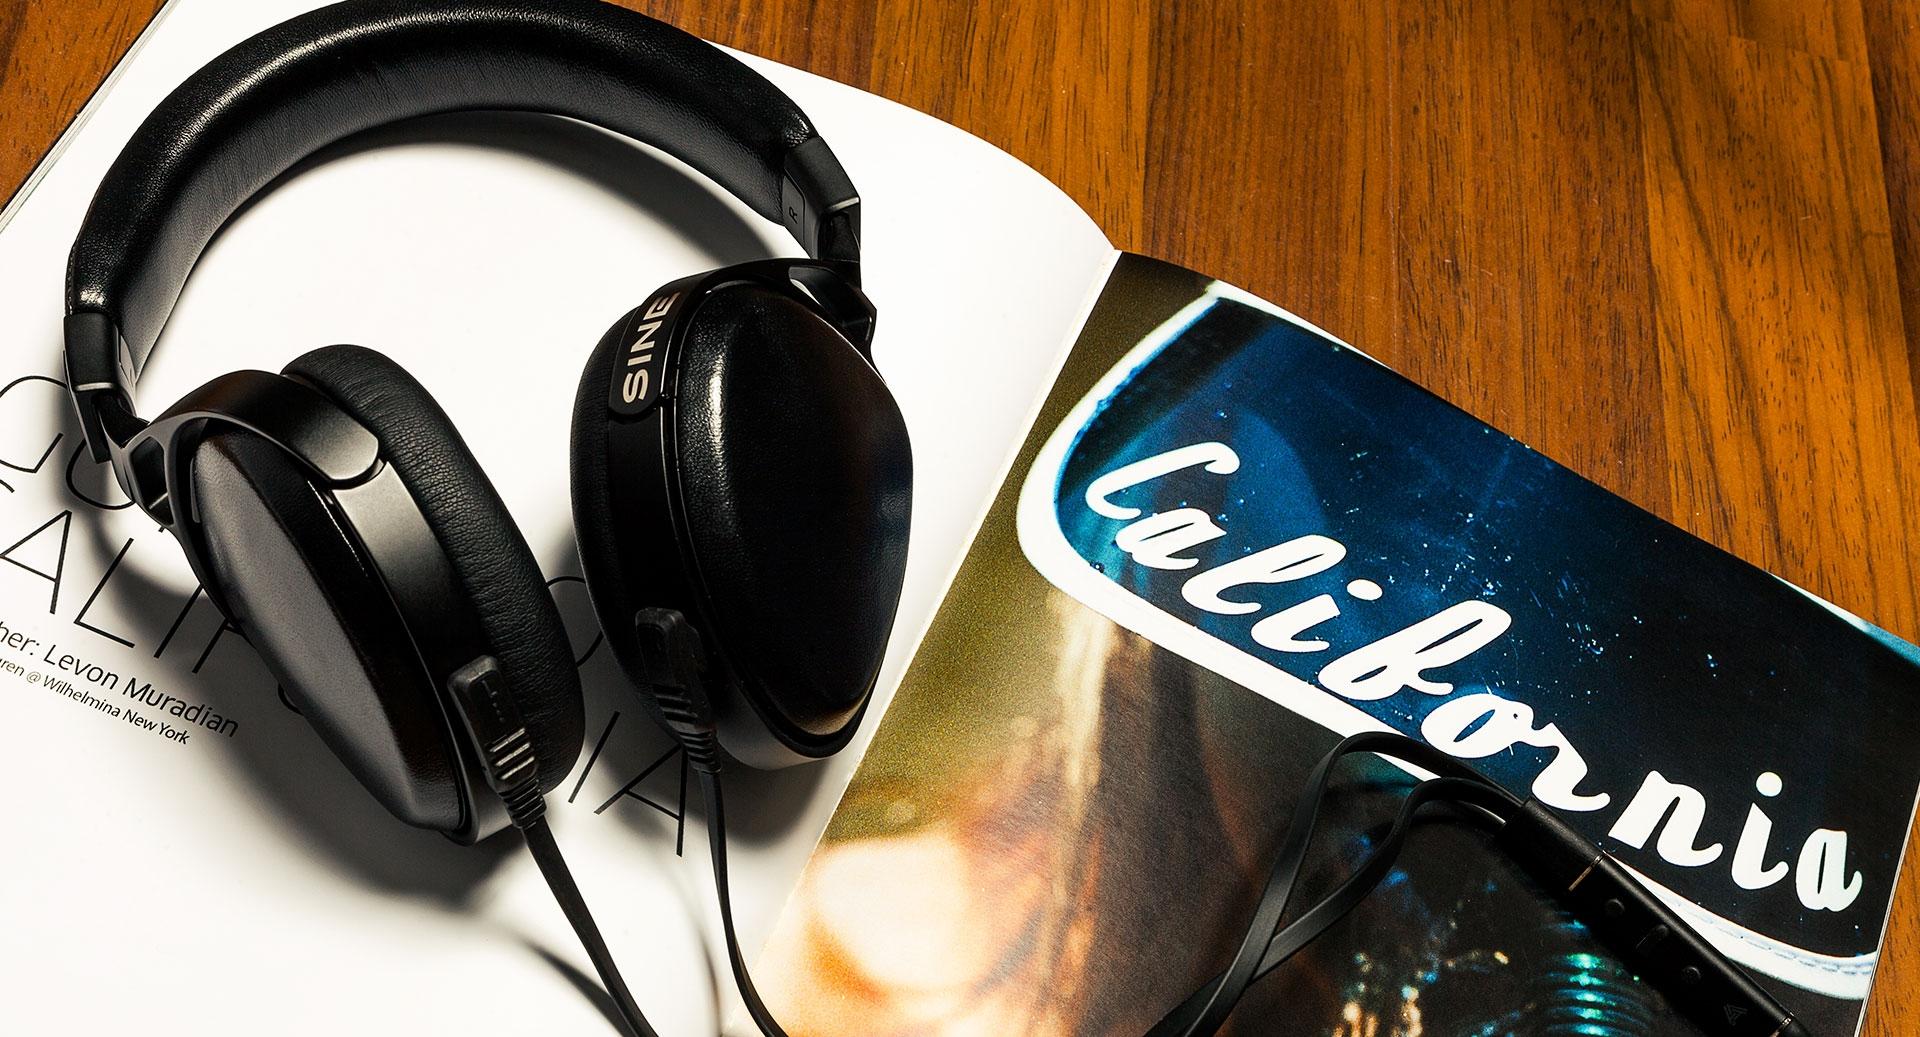 Sine on-ear headphones